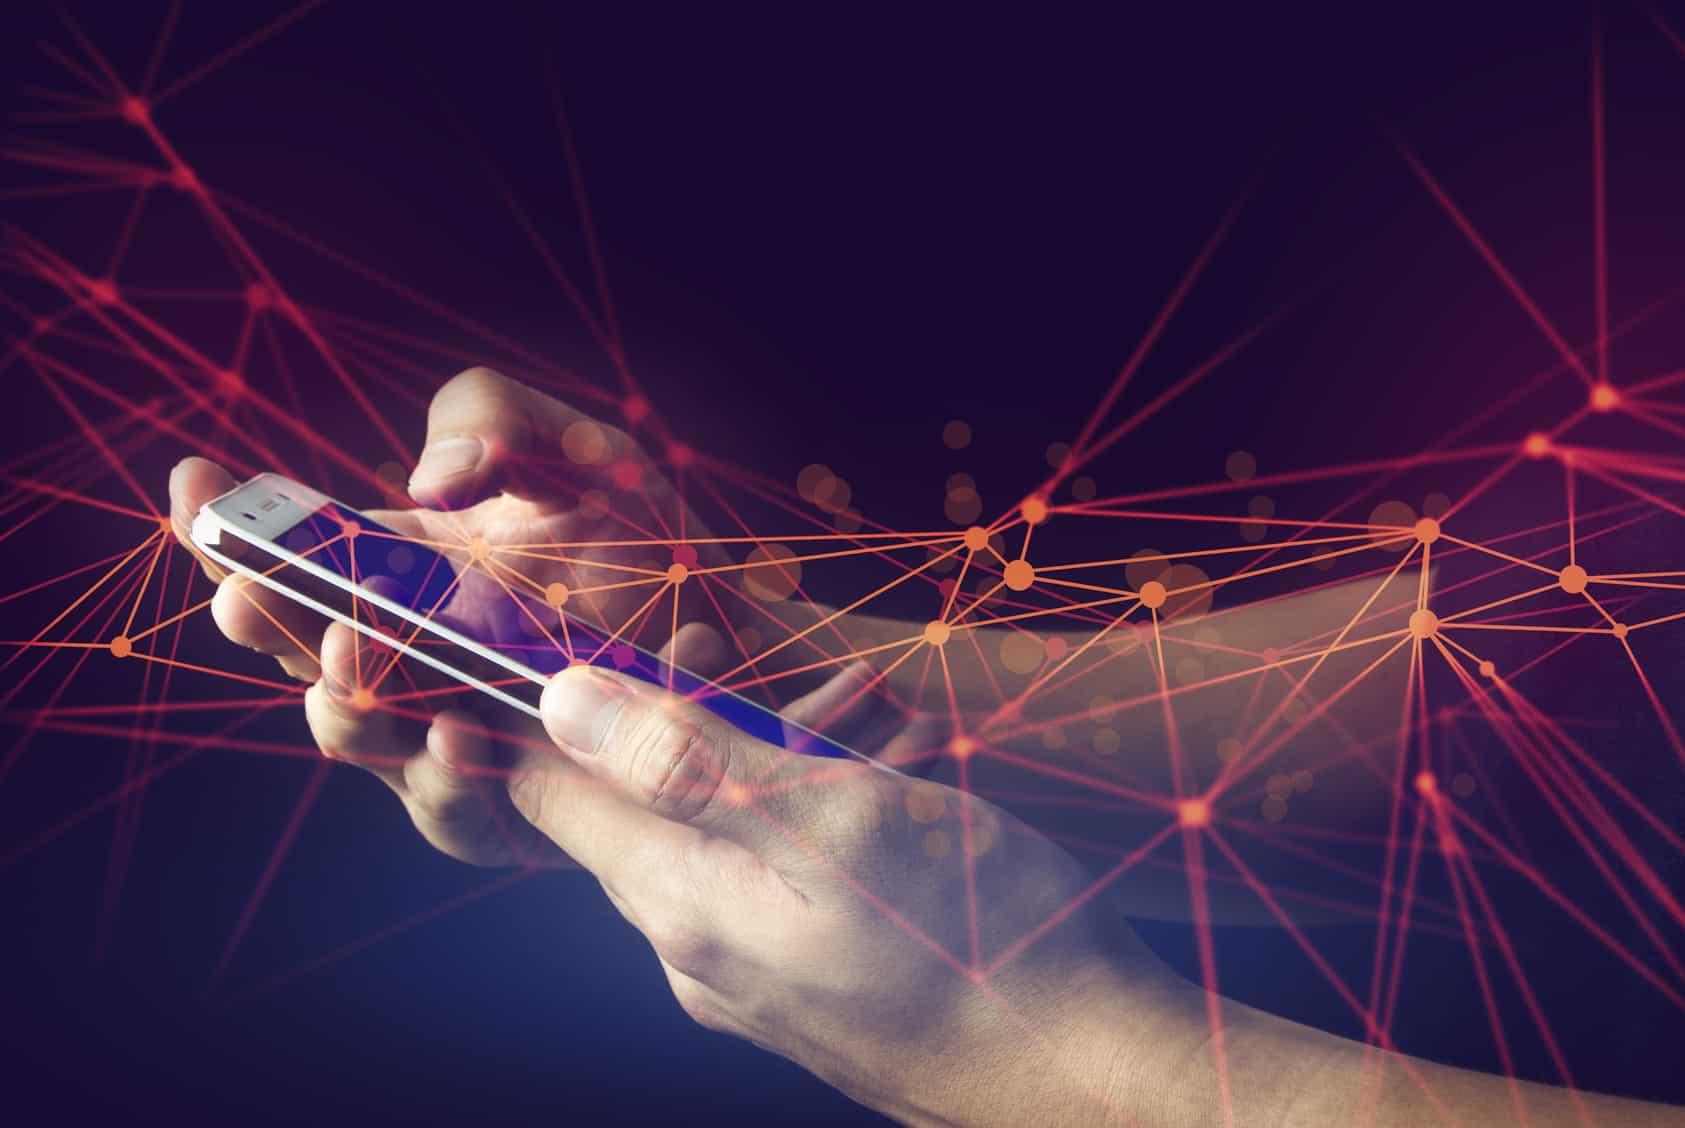 La SCJN dijo que el Instituto Federal de Telecomunicaciones puede legislar e incluso ir en contra de lo establecido por el Congreso de la Unión en la ley.